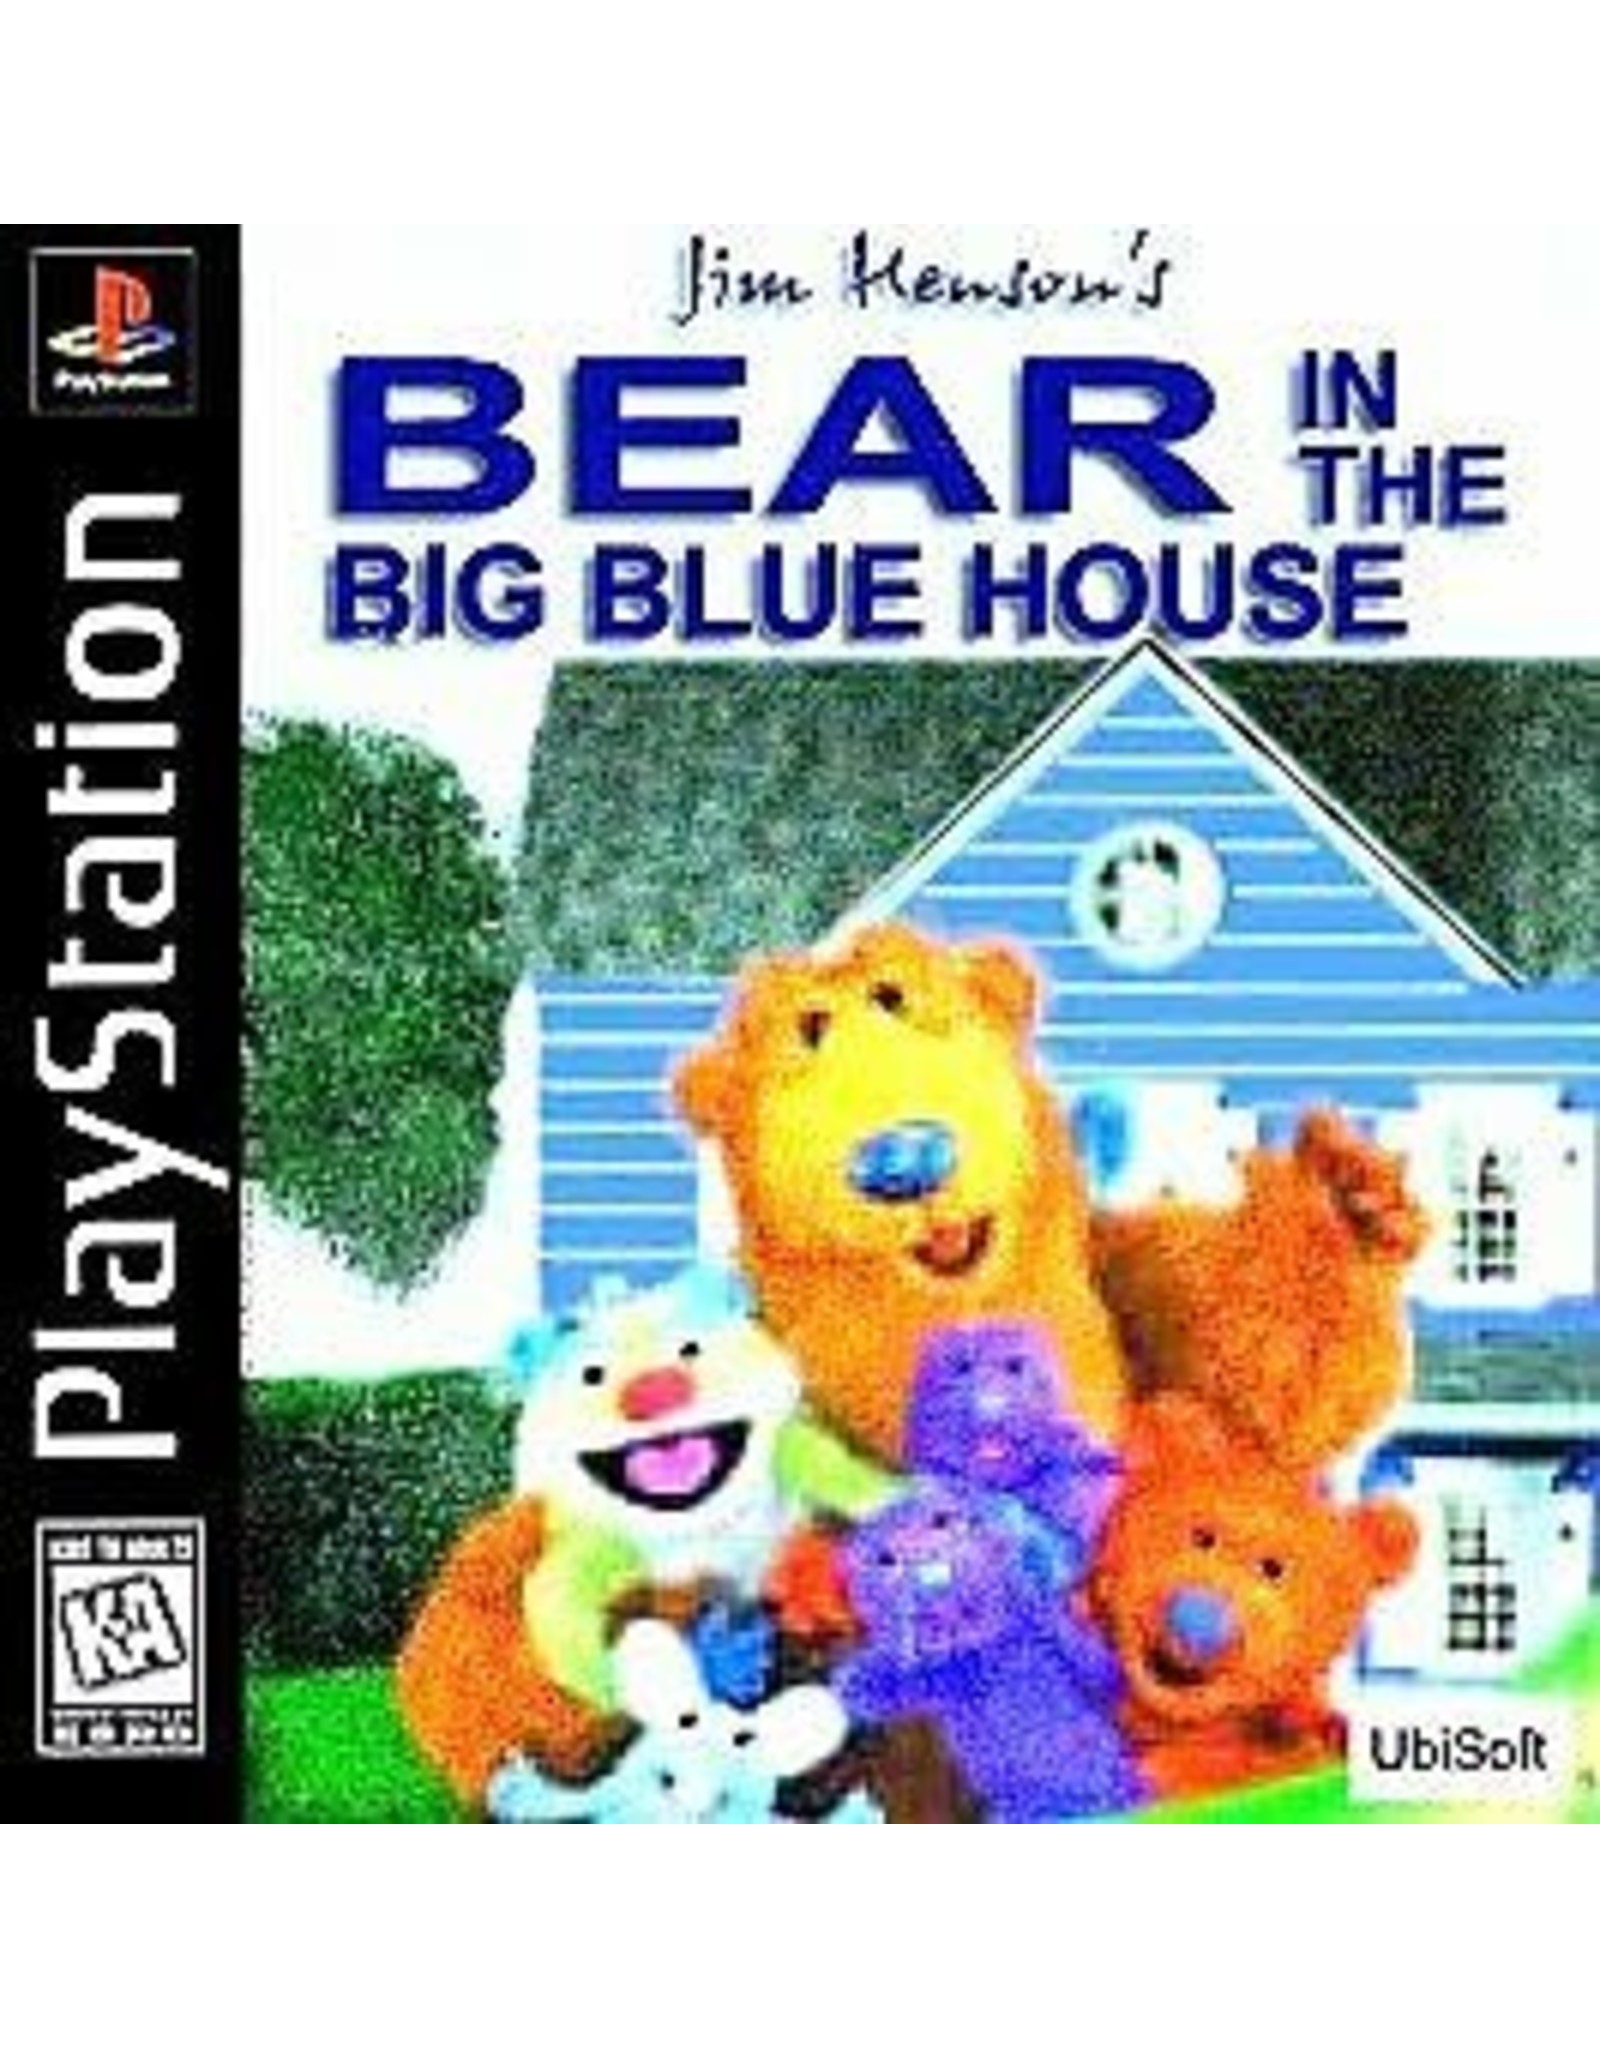 Playstation Bear in the Big Blue House (CiB)